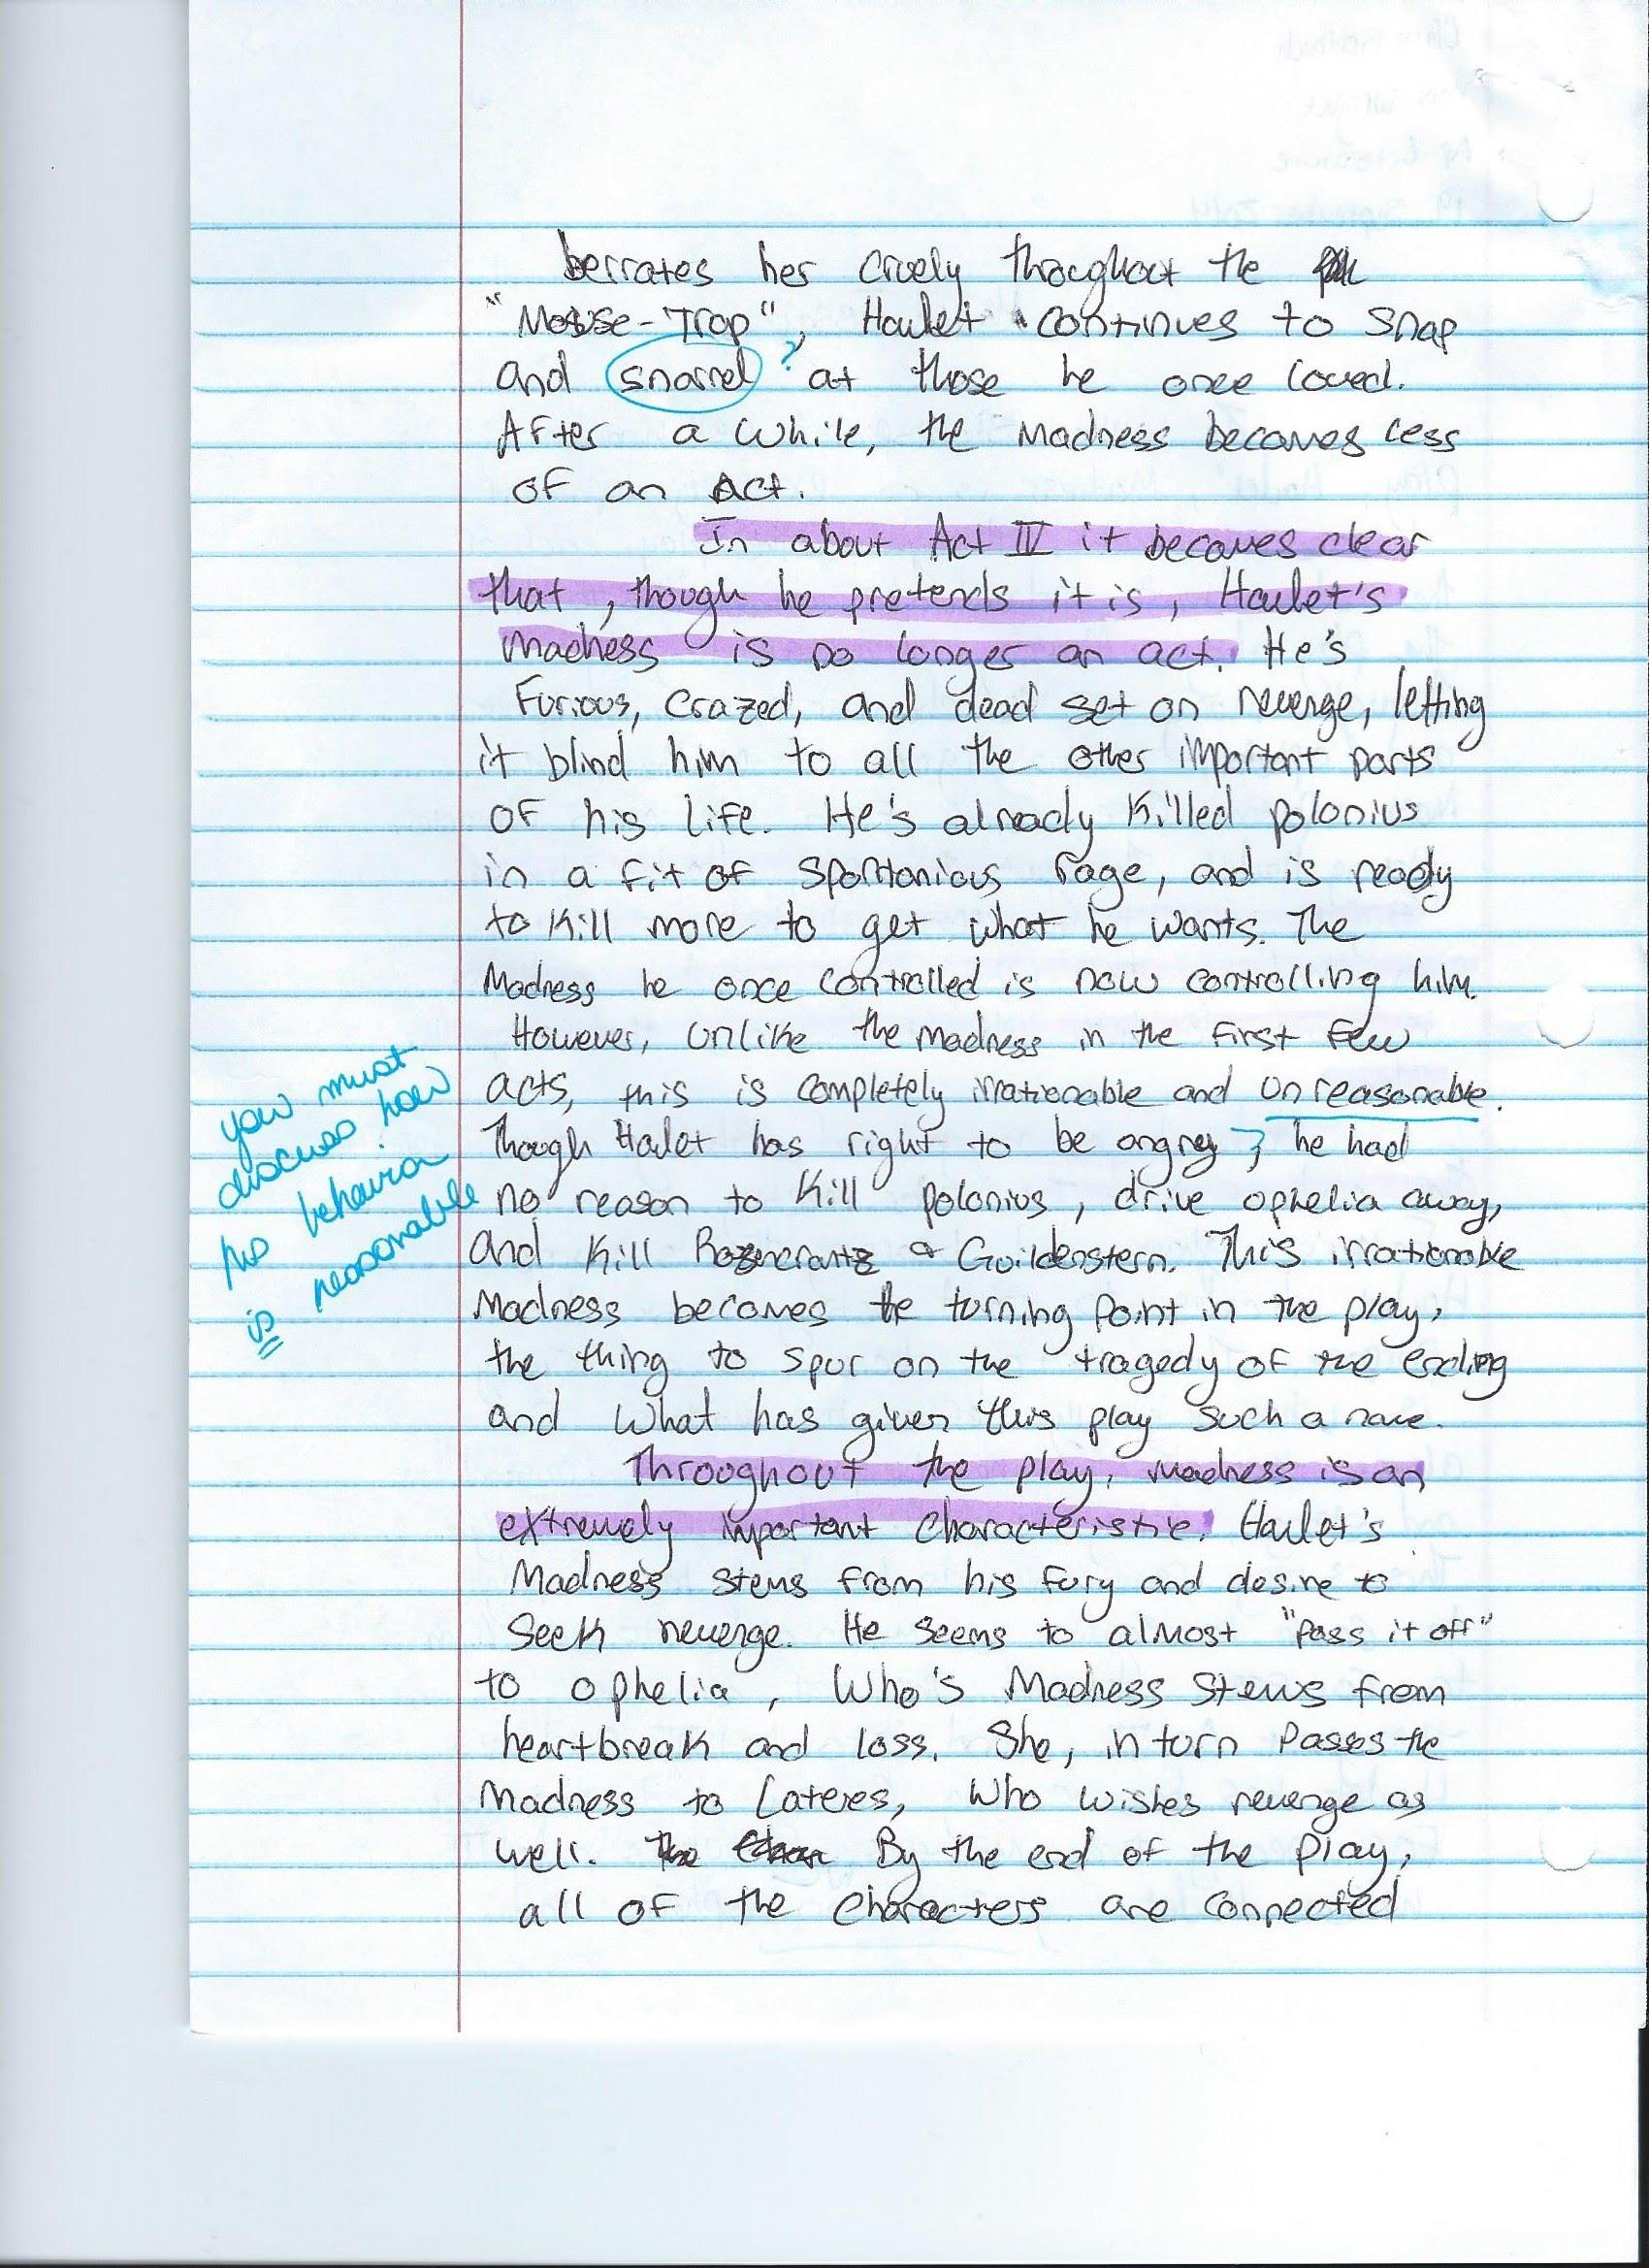 ap lit essay prompts